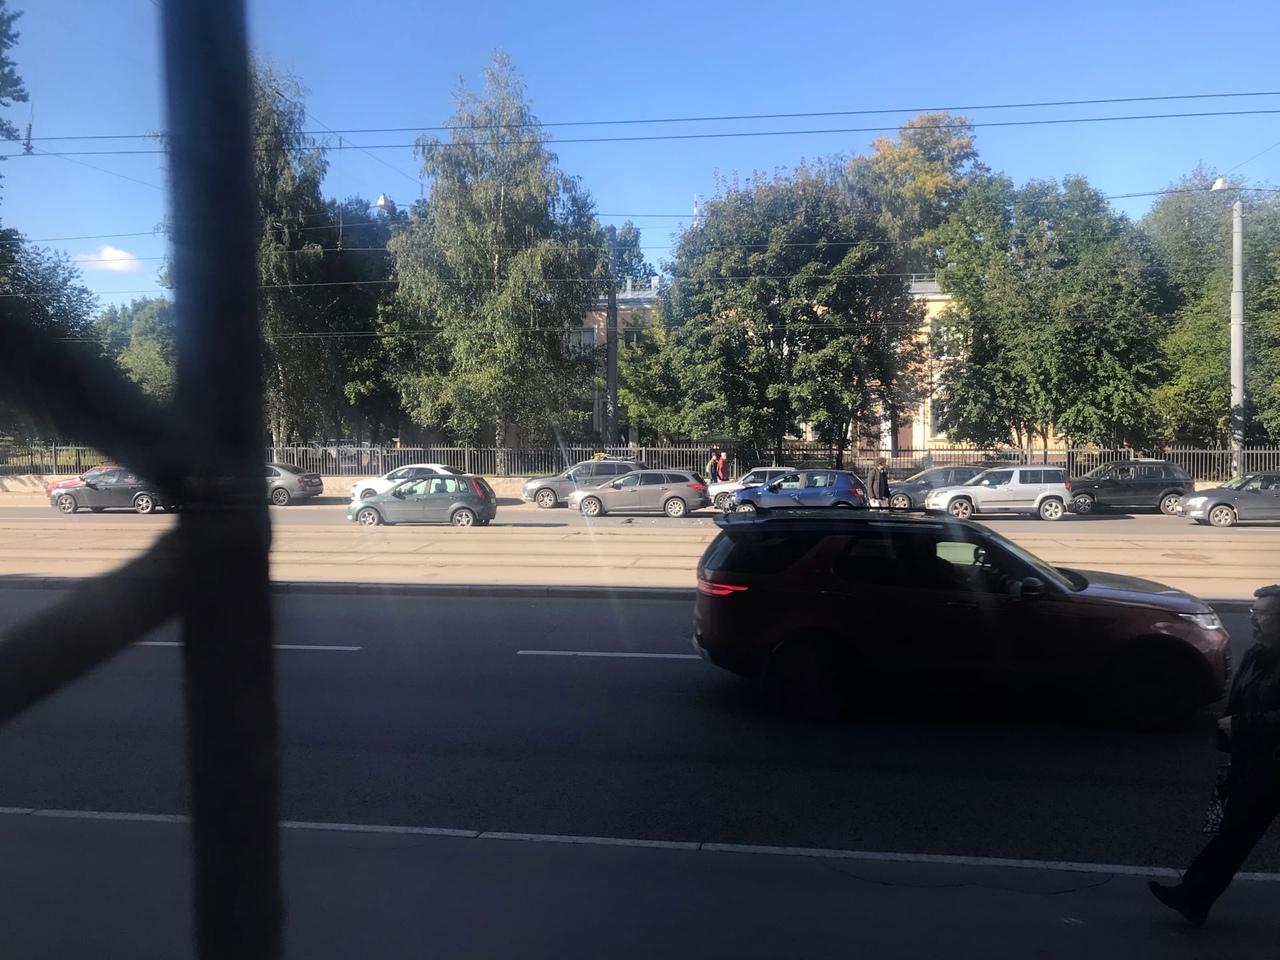 Renault въехал в зад Форду, походу солнце ослепило. Лесной пр. 37 Проезду мешают едут в один ряд